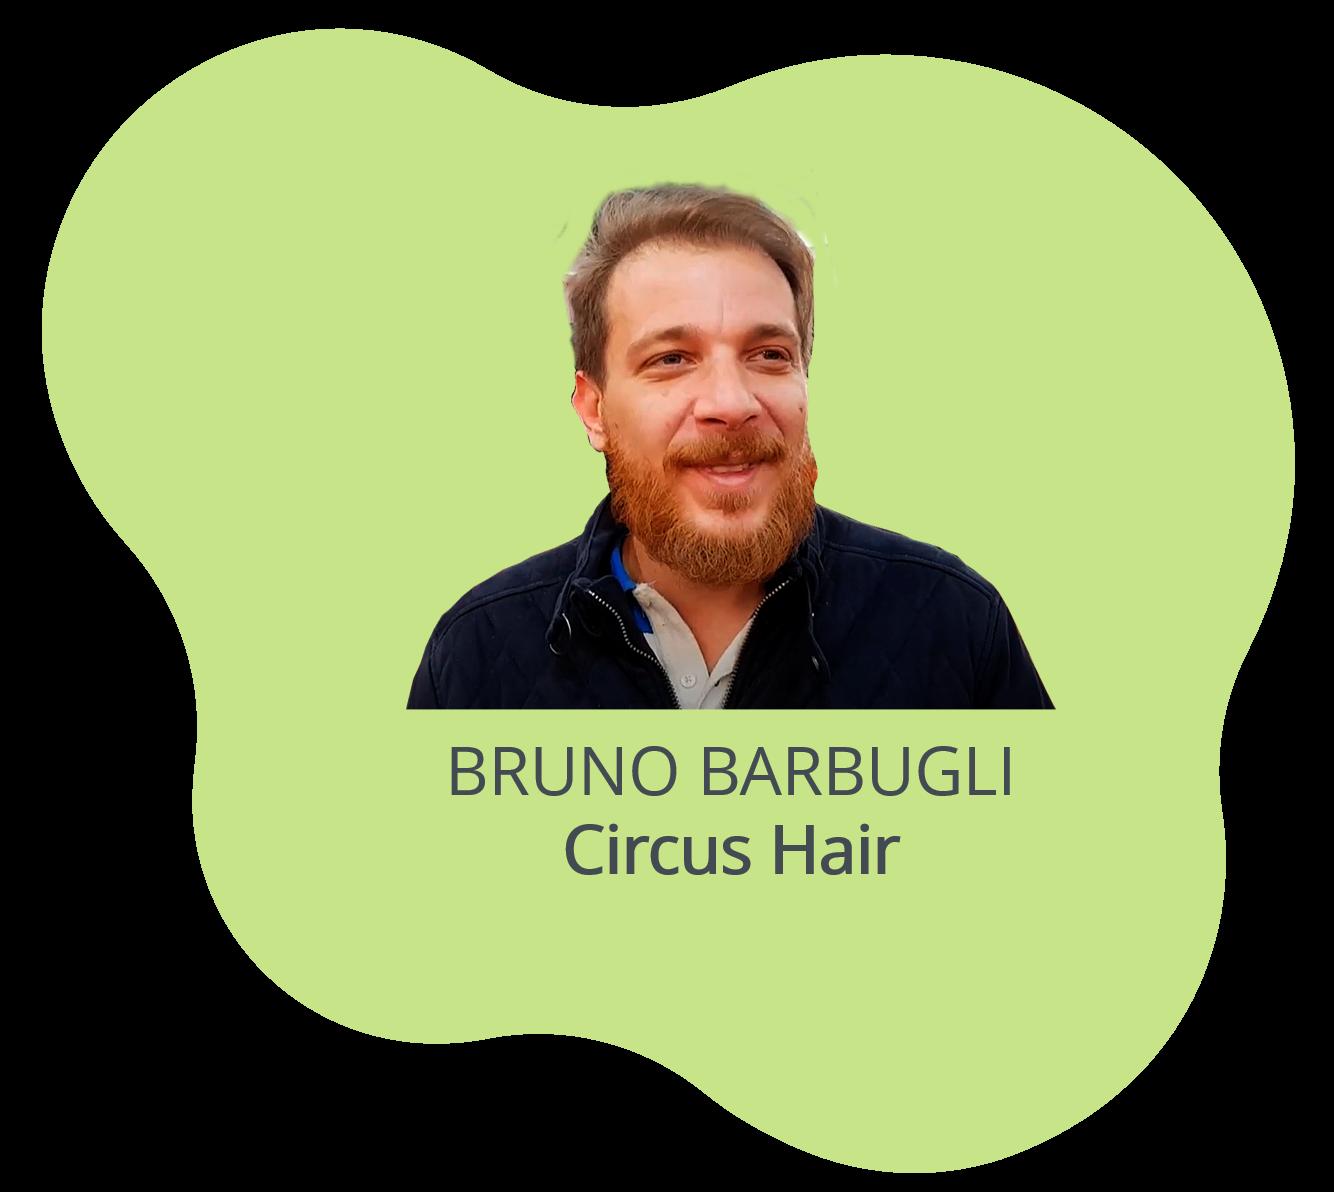 Circus Hair